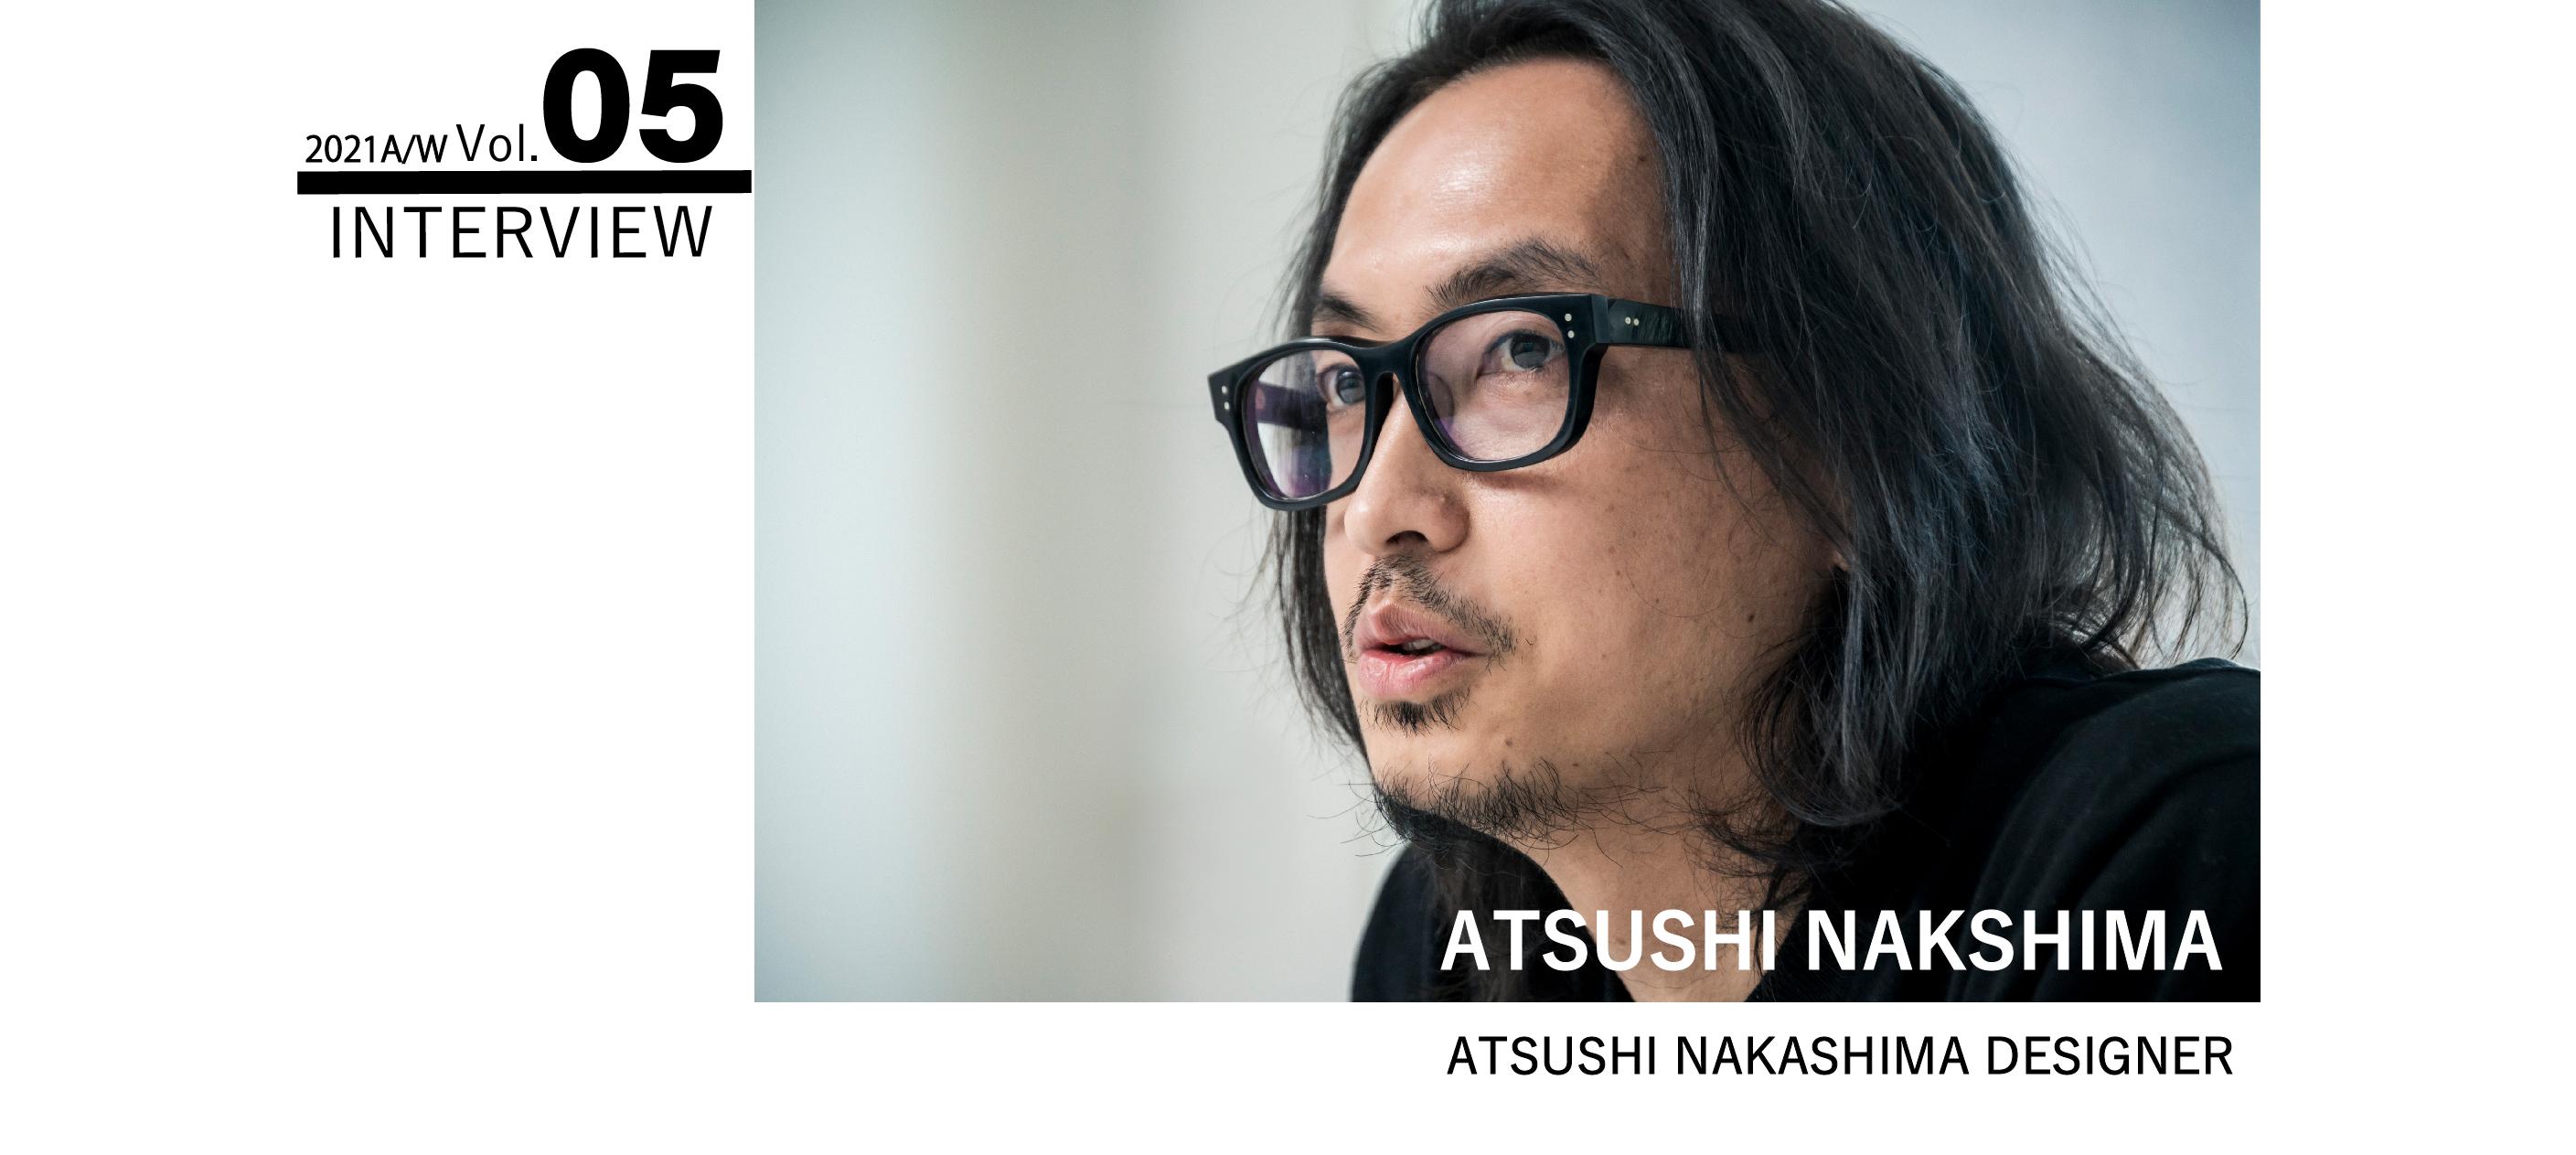 中島 篤 Atsushi Nakashima